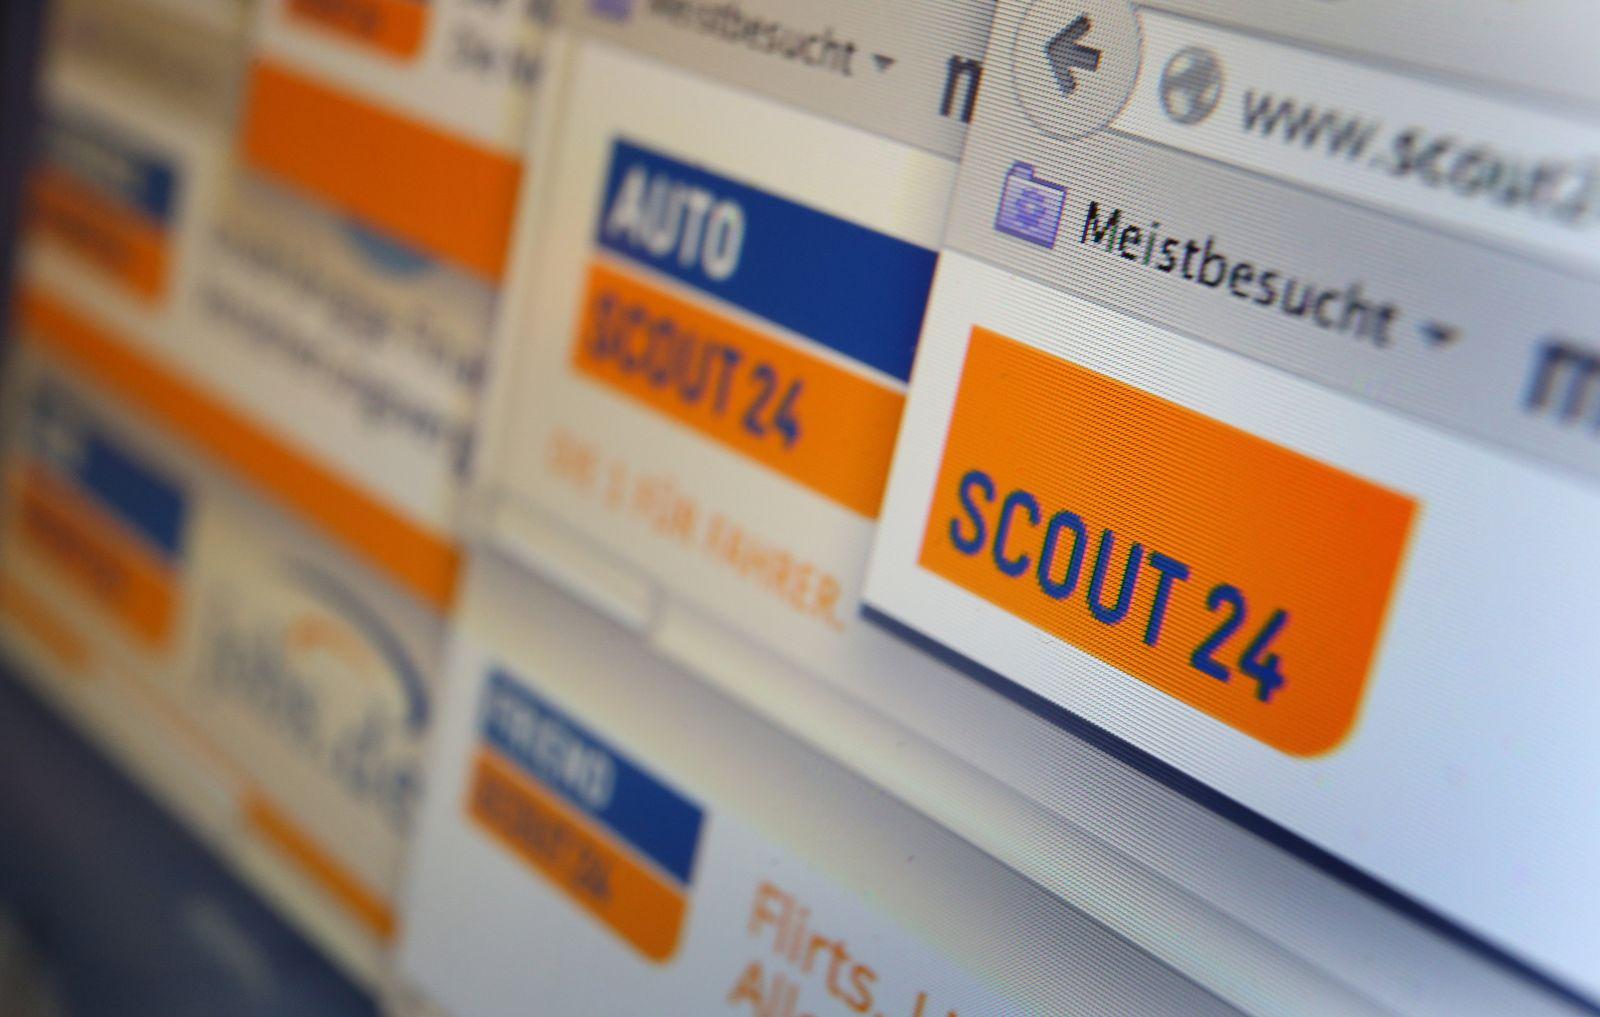 Scout24; Logo